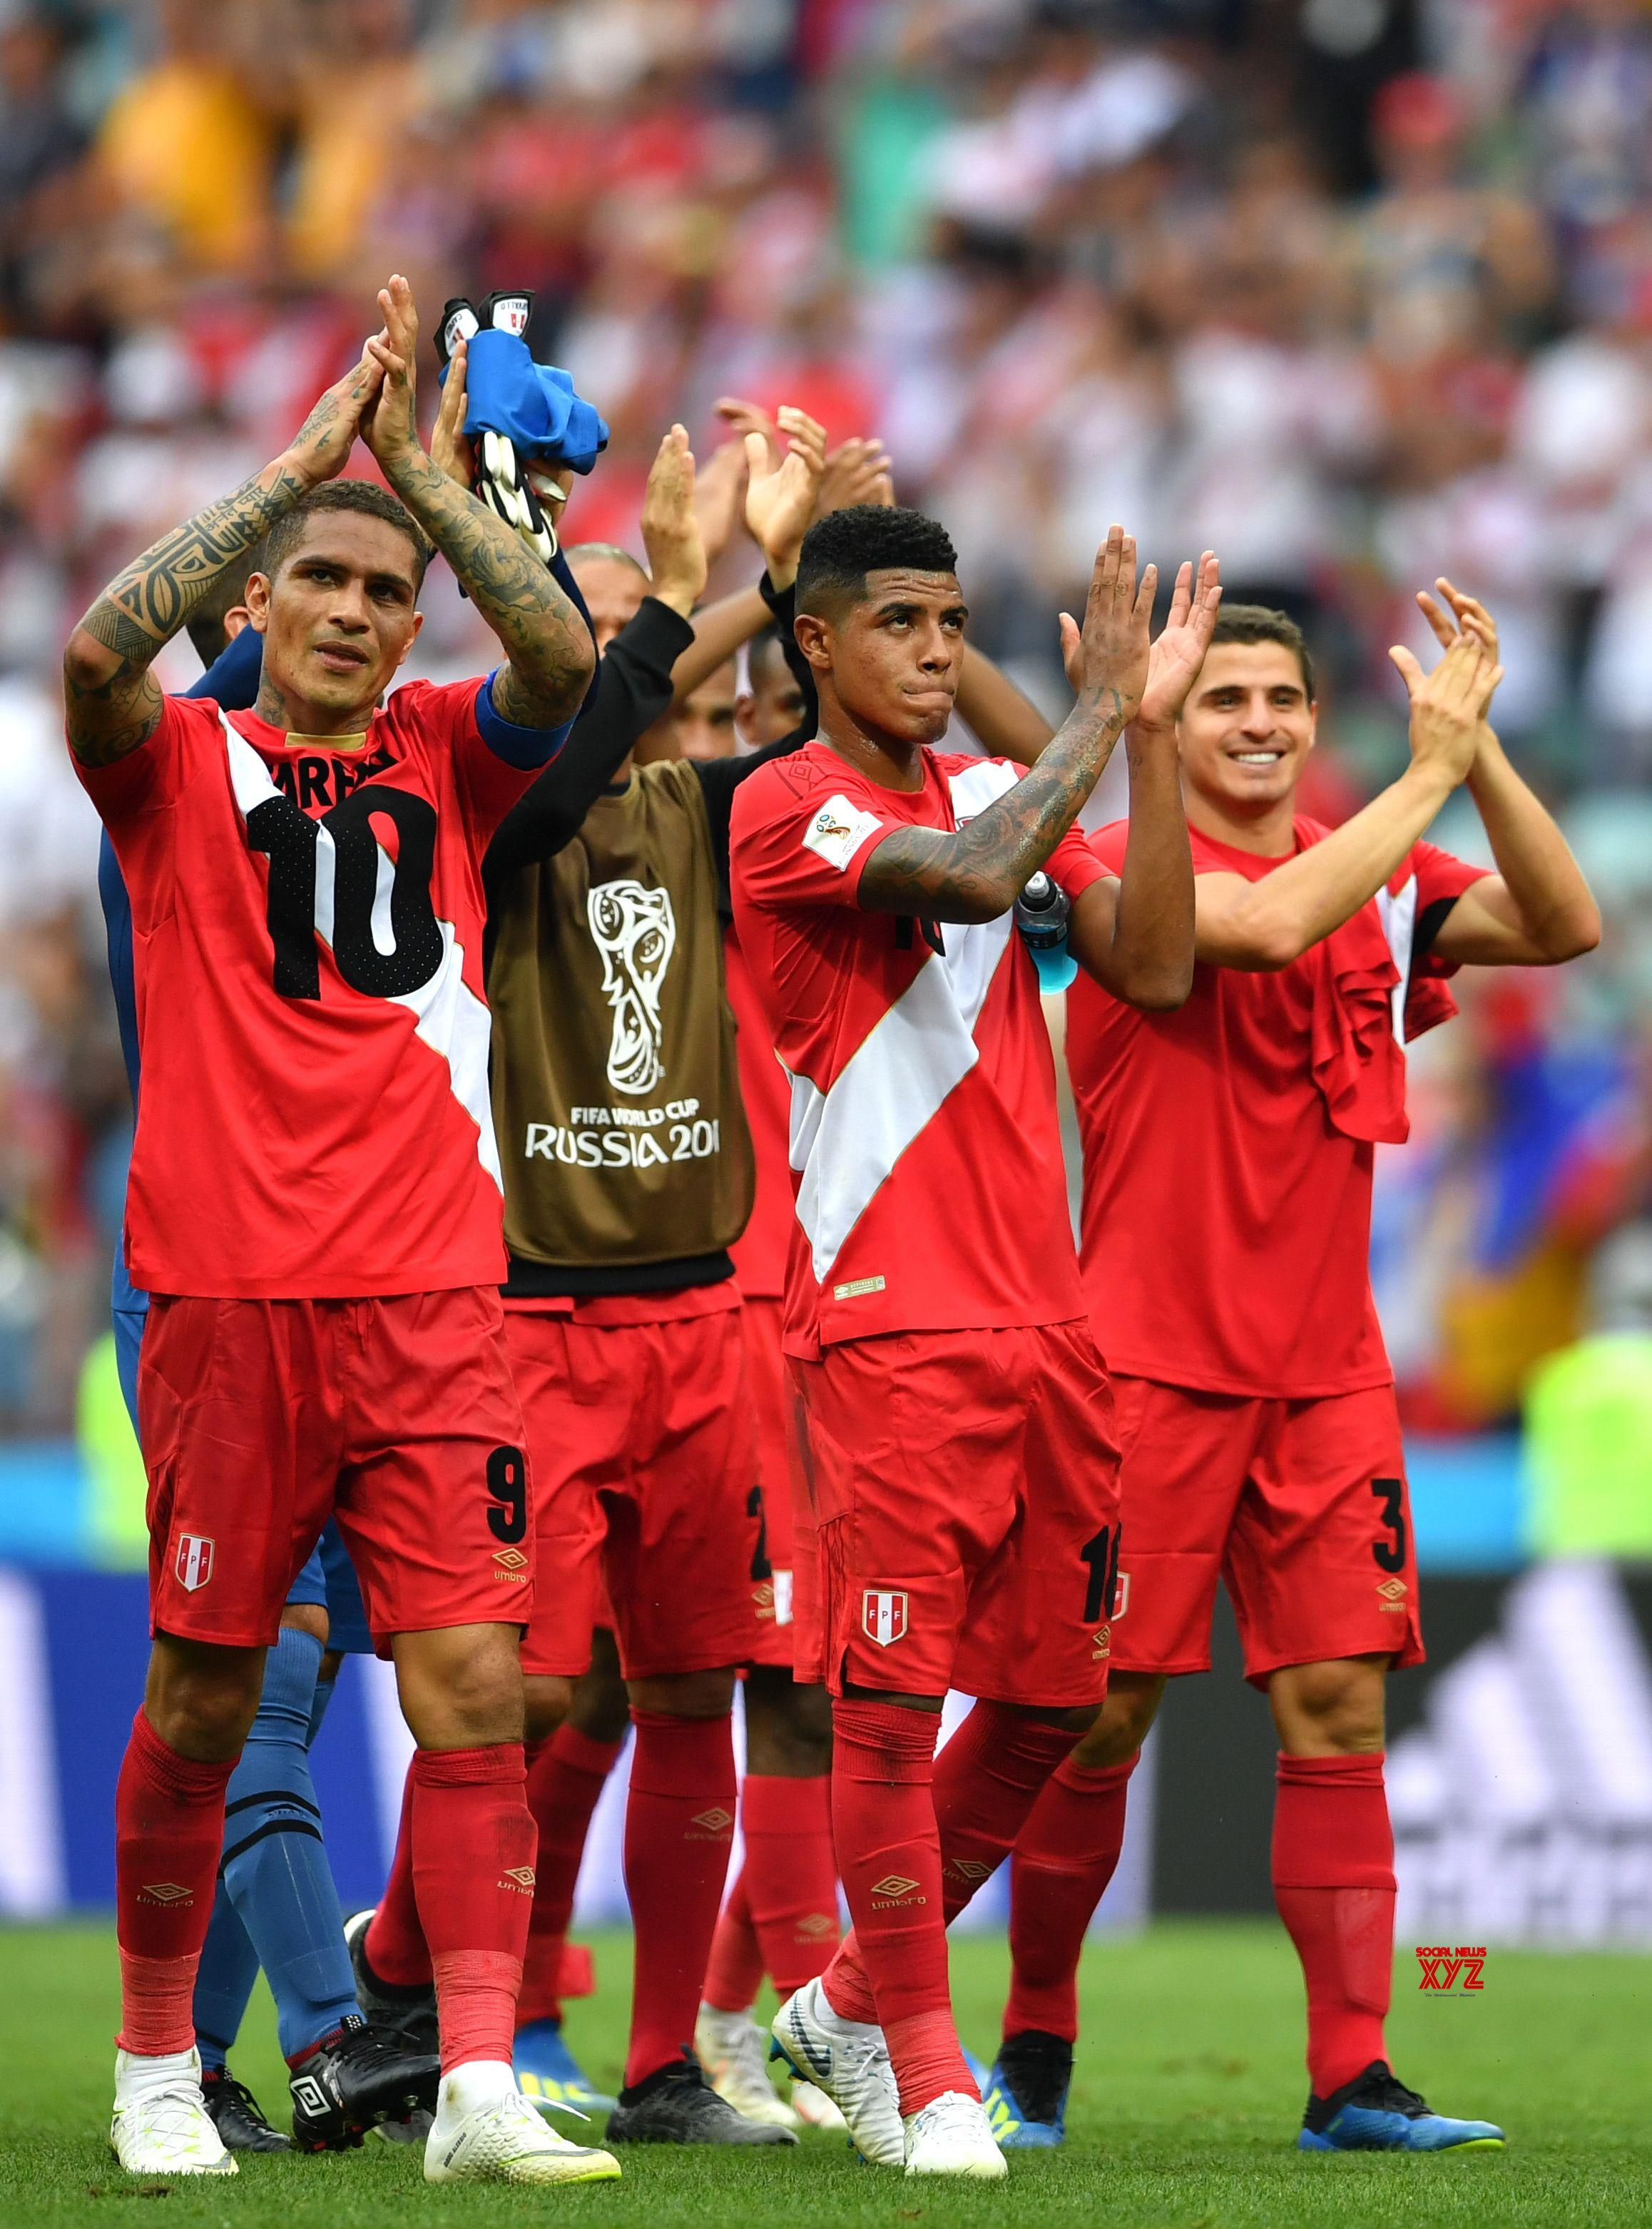 d2e28d14e820fb RUSSIA SOCHI: 2018 WORLD CUP - GROUP C - AUSTRALIA VS PERU #Gallery ...